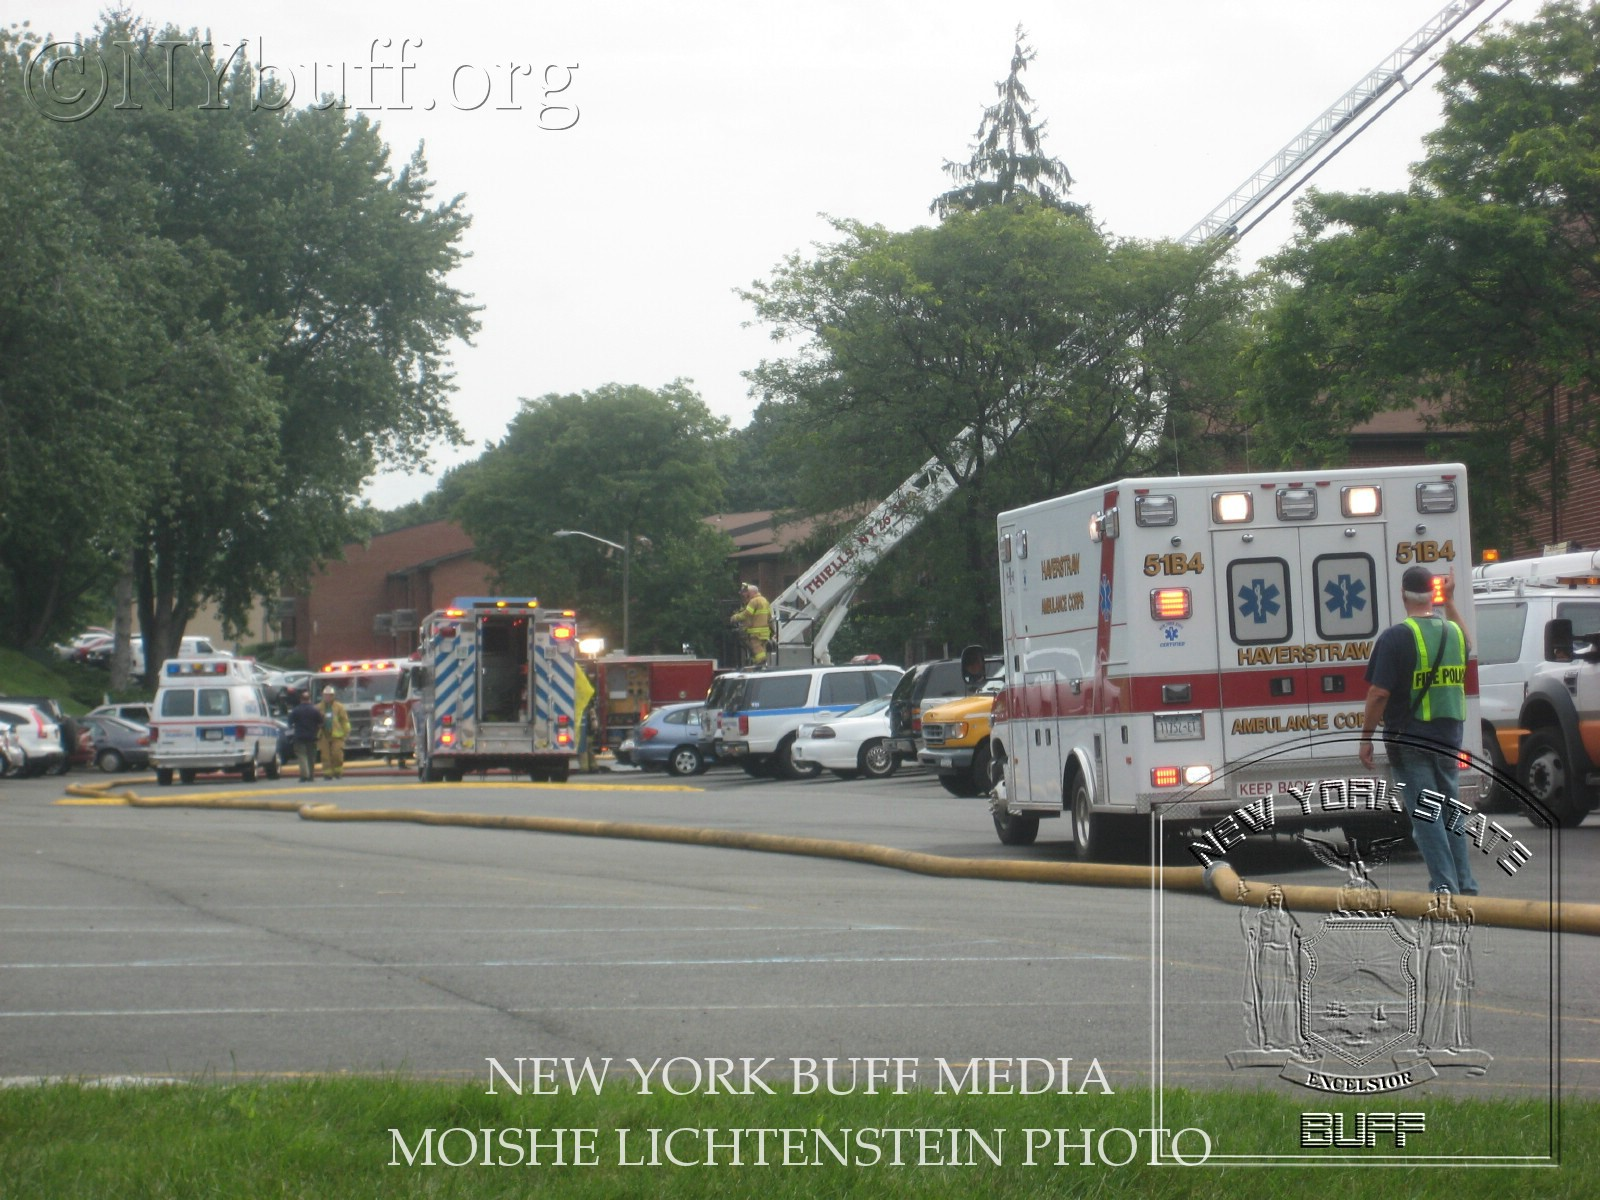 New York Buff Media: Dead Body Found in Bedroom Fire in Pomona